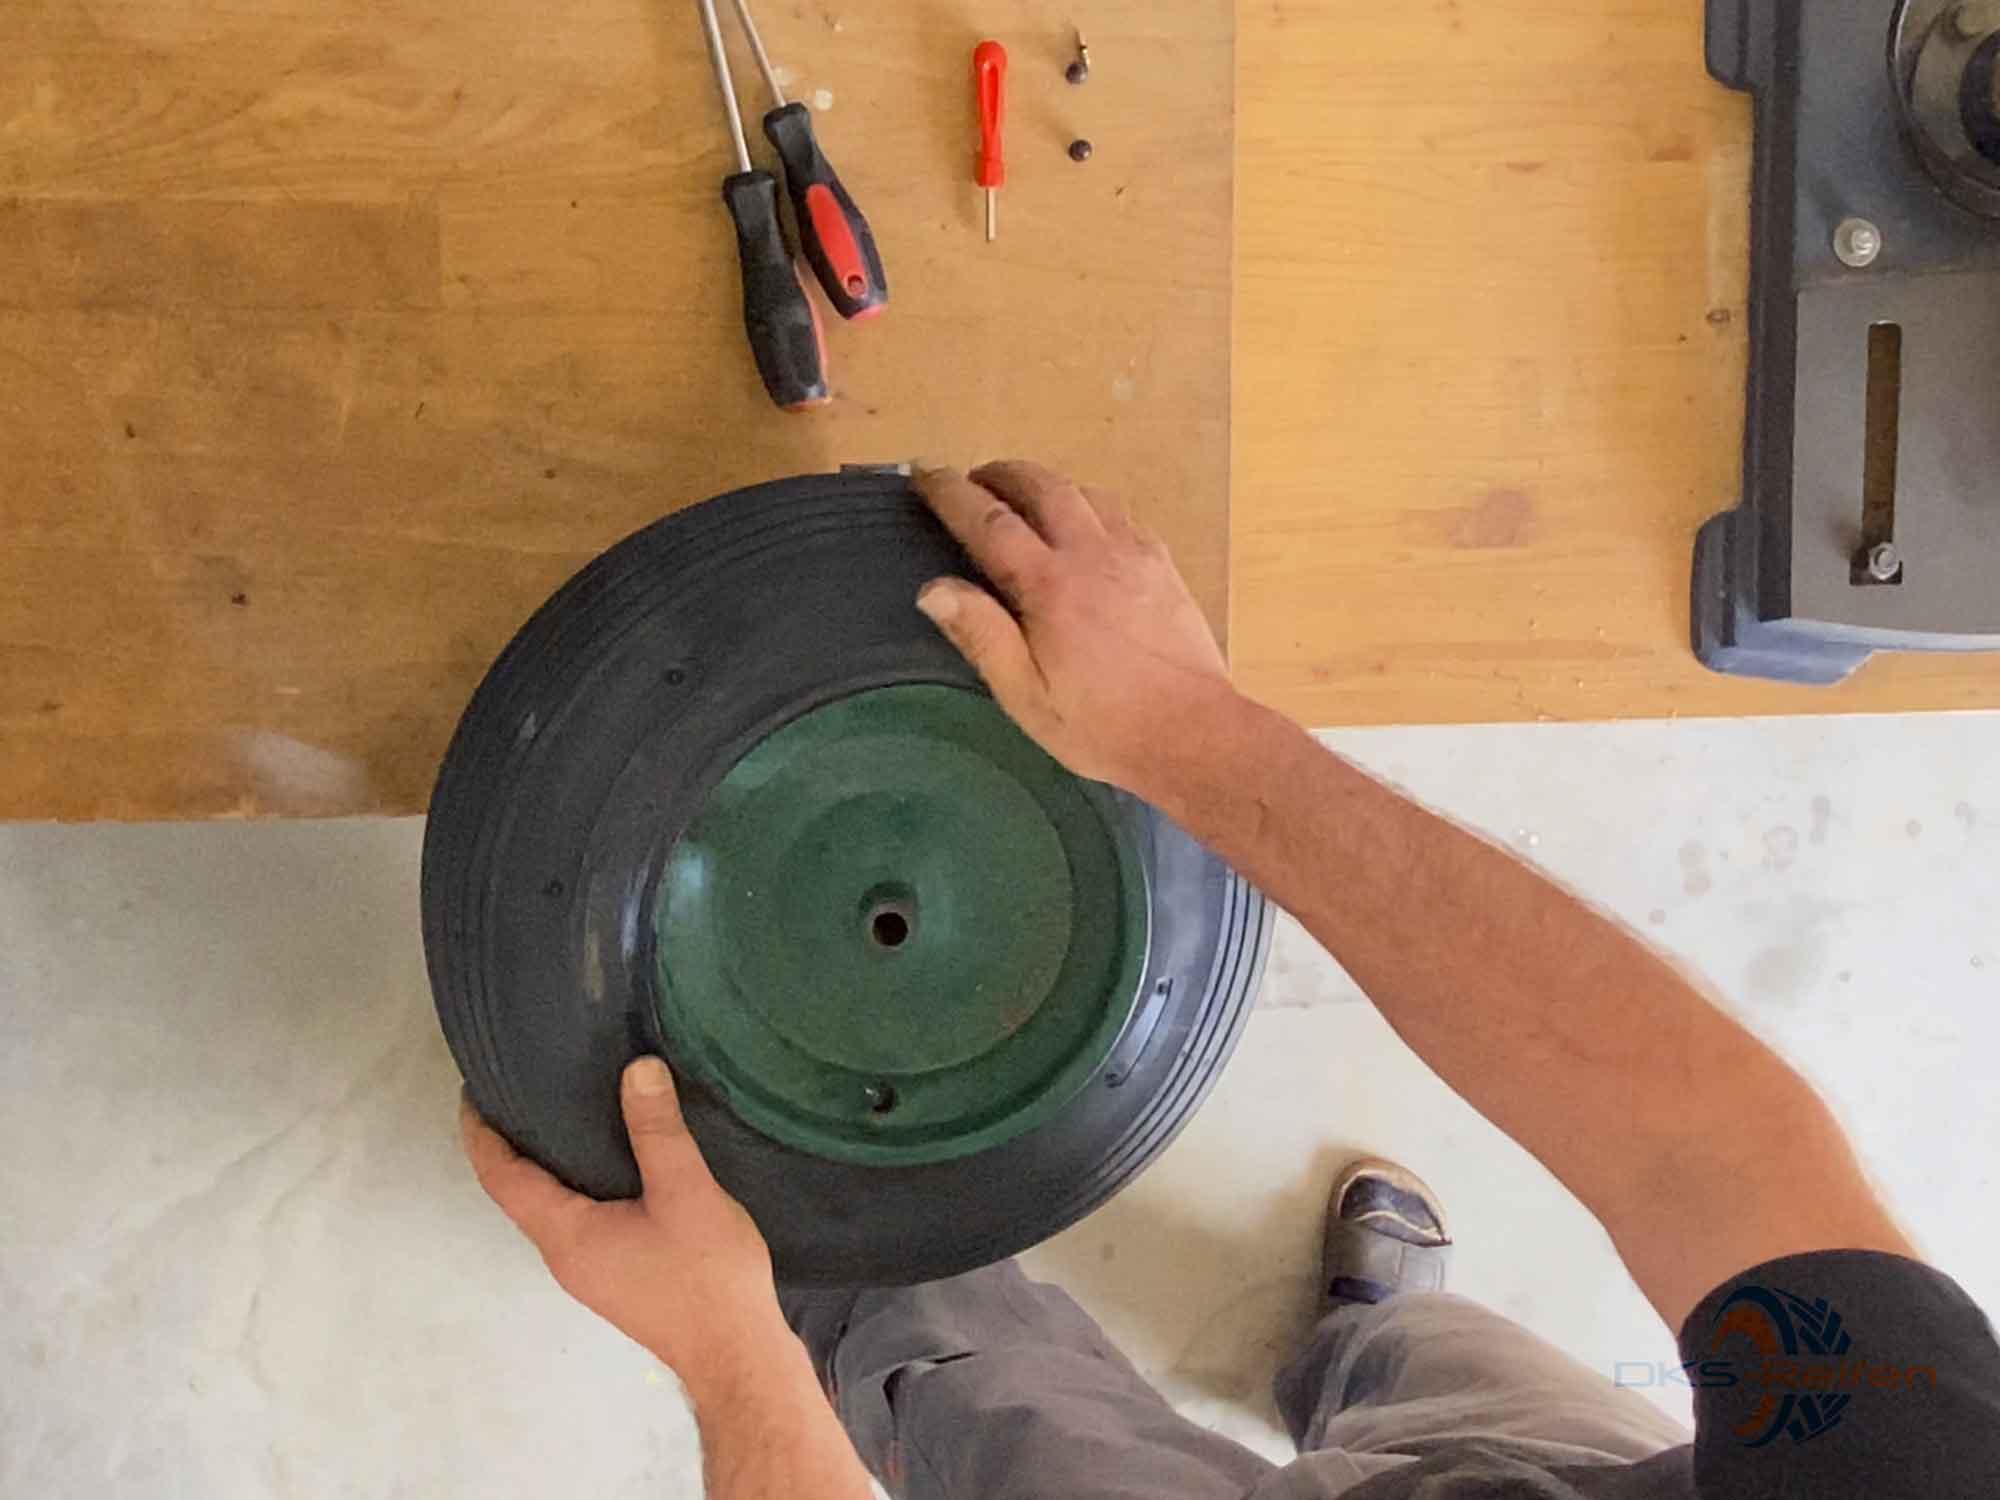 Schubkarrenrad wechseln: Reifen ansetzen